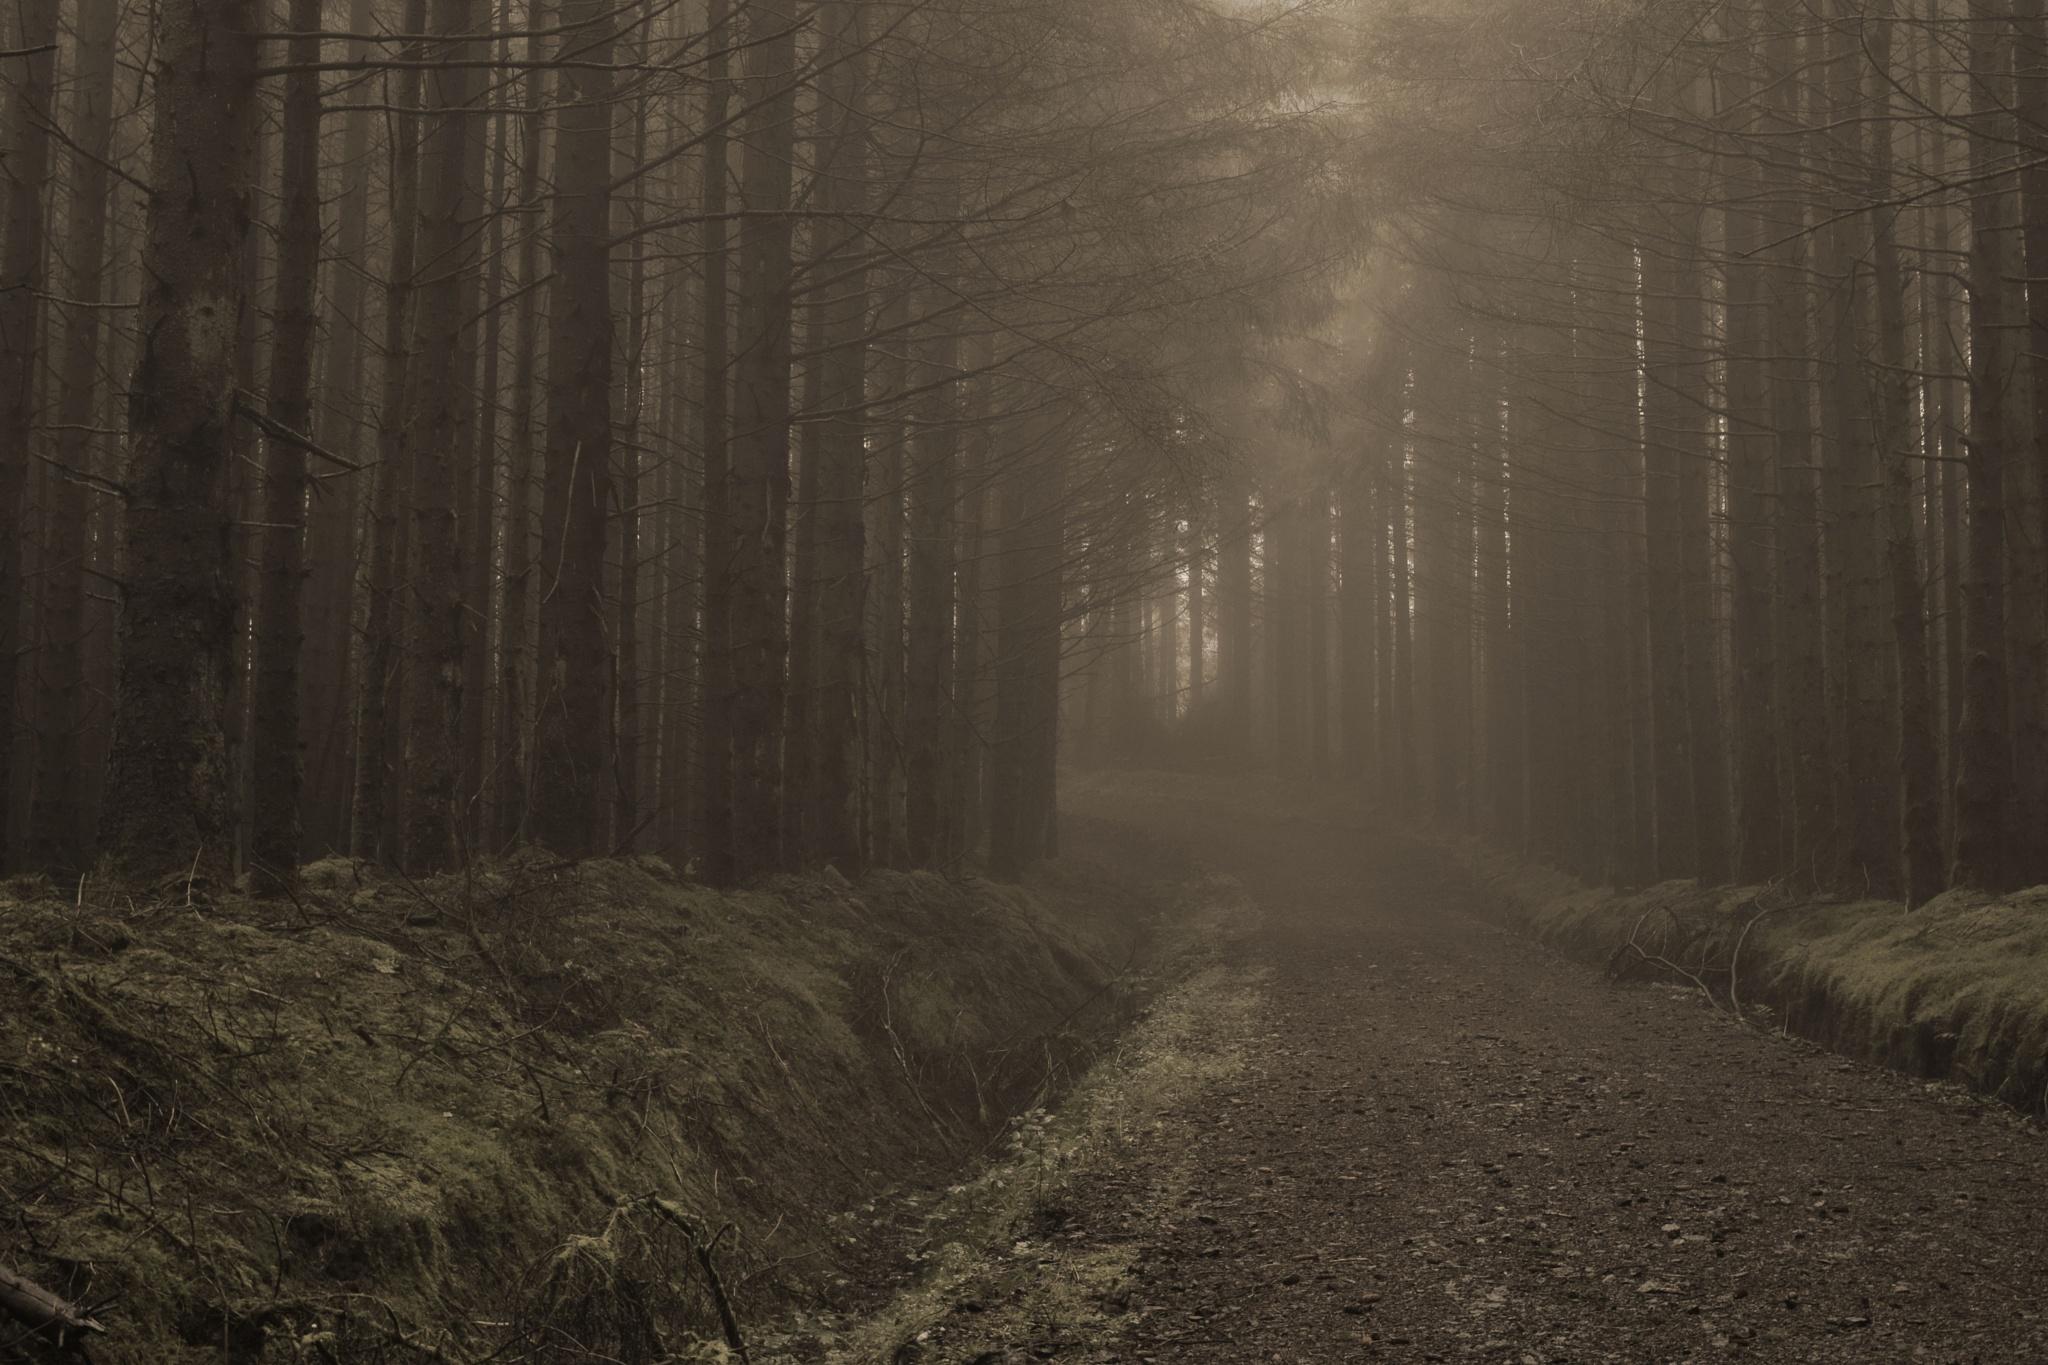 Foggy Woodland Path by Kenny Francis